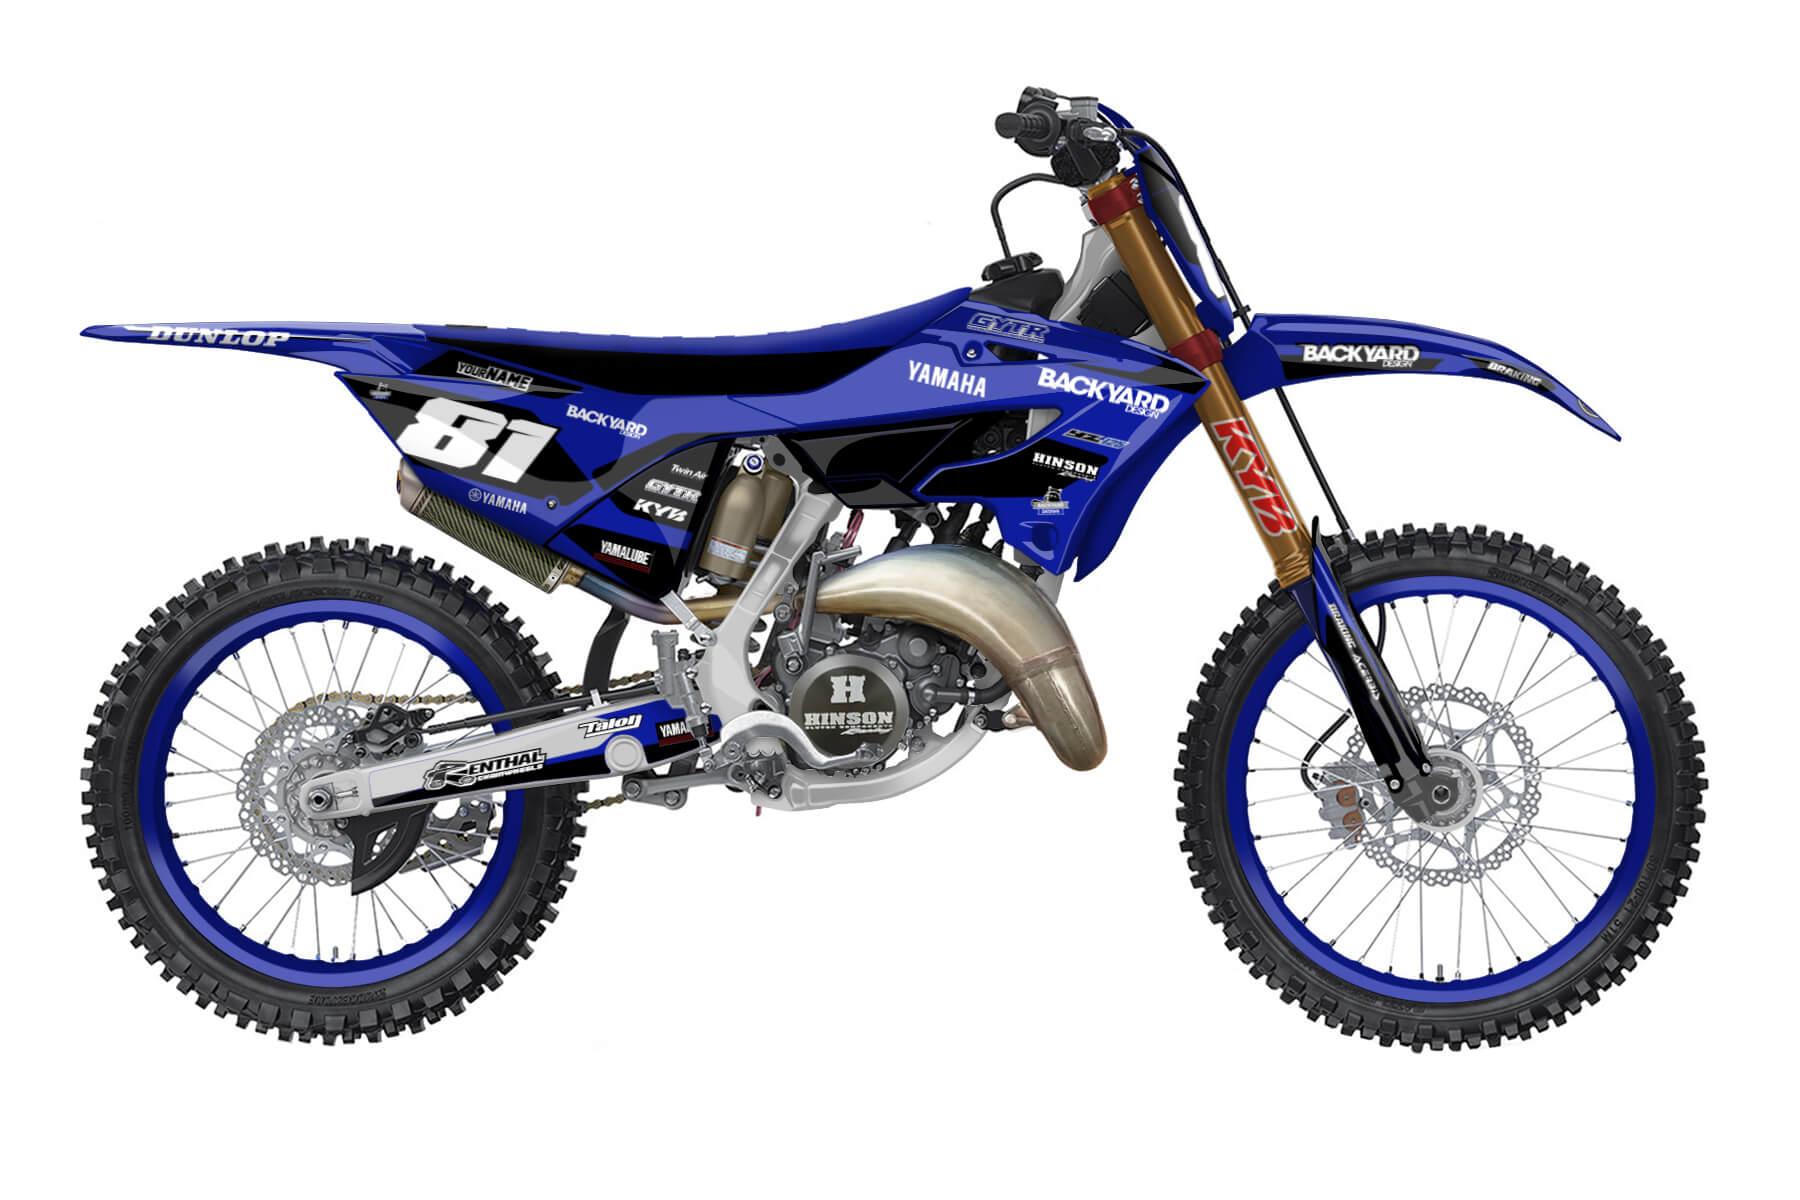 Yamaha YZ 250 - 2022 - Backyard Design - Mx Dekor - Prime Basic